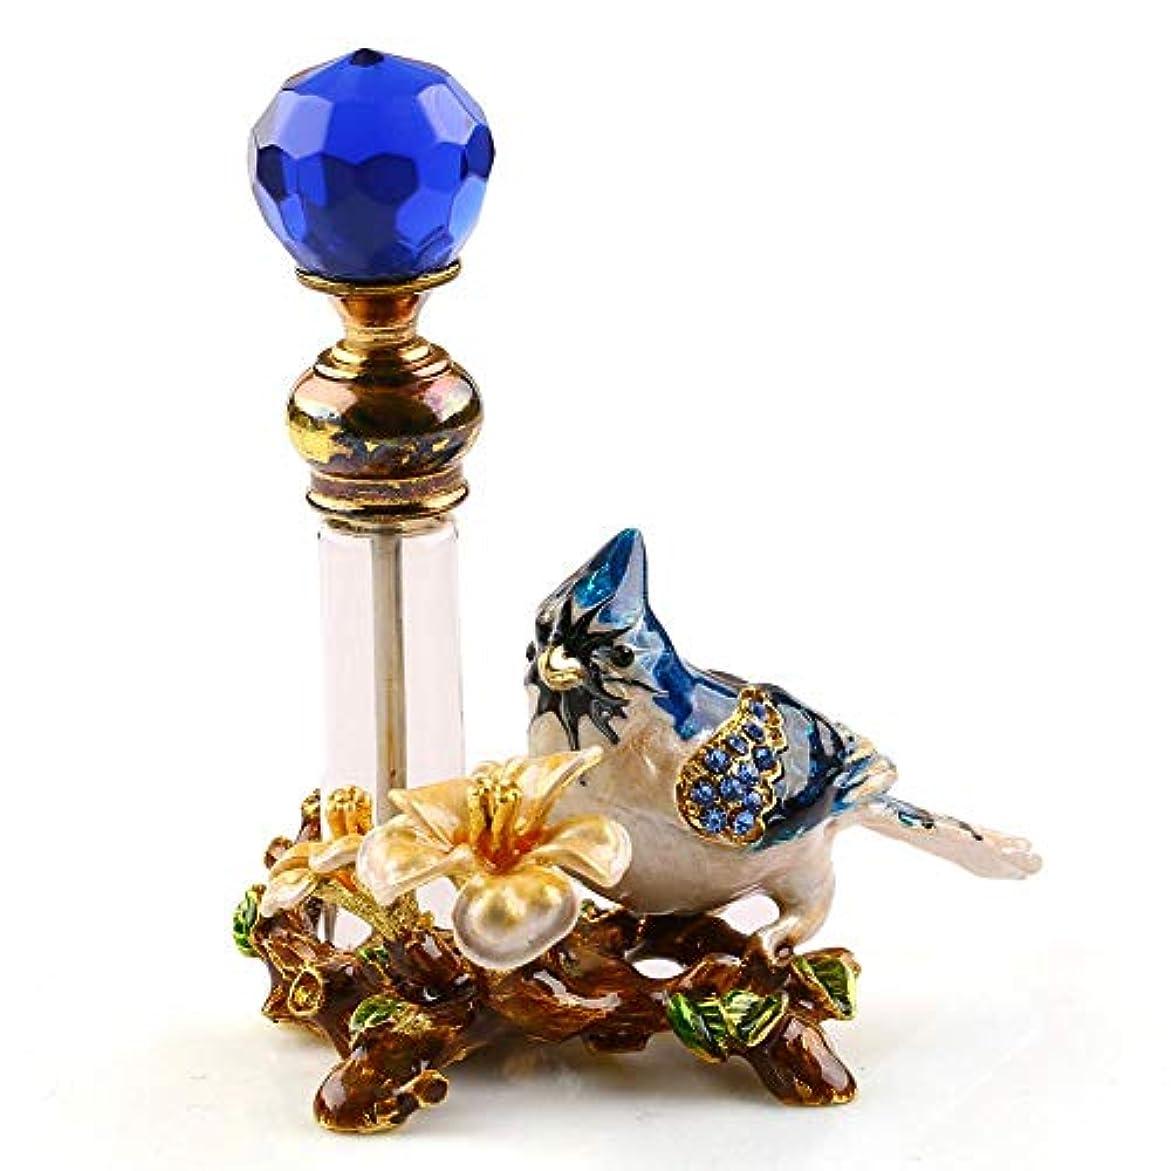 剃る貫通するチャンピオンVERY100 高品質 美しい香水瓶 4ML アロマボトル 綺麗アンティーク風 鳥と花 詰替用ボトル 空き プレゼント 結婚式 飾り